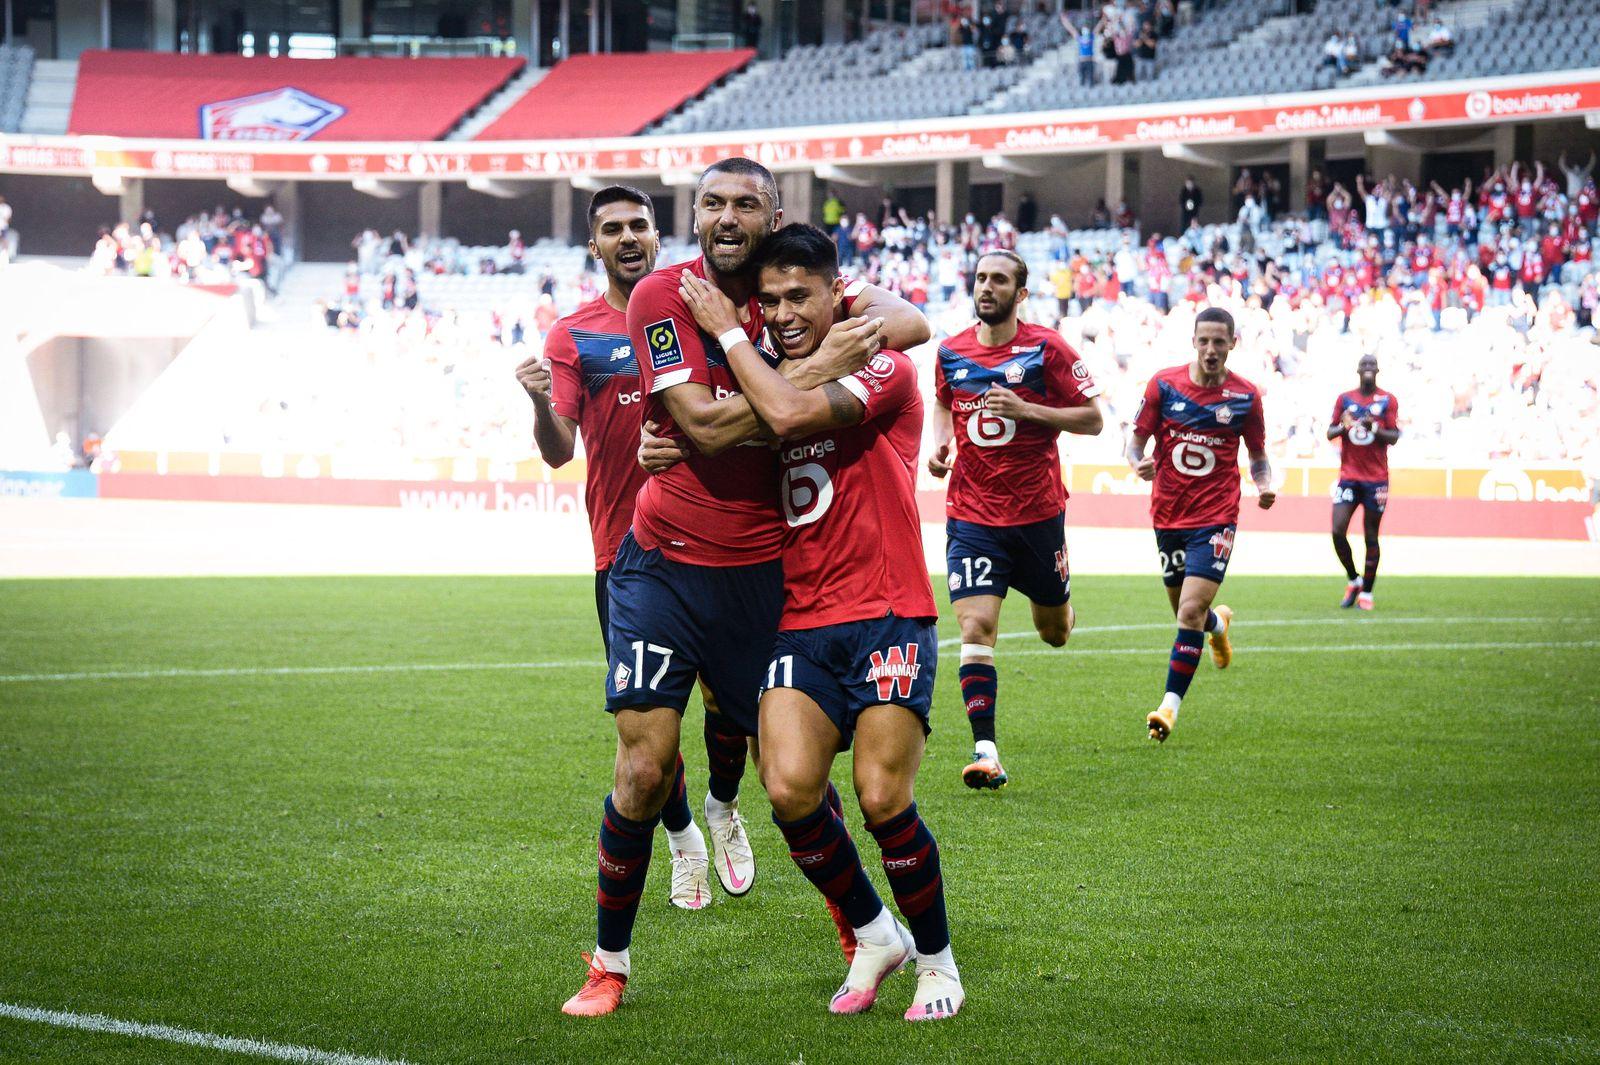 Attitude - Joie des joueurs de l equipe du LOSC apres le but de Luiz Araujo ( 11 - LOSC ) - FOOTBALL : Lille OSC vs FC M